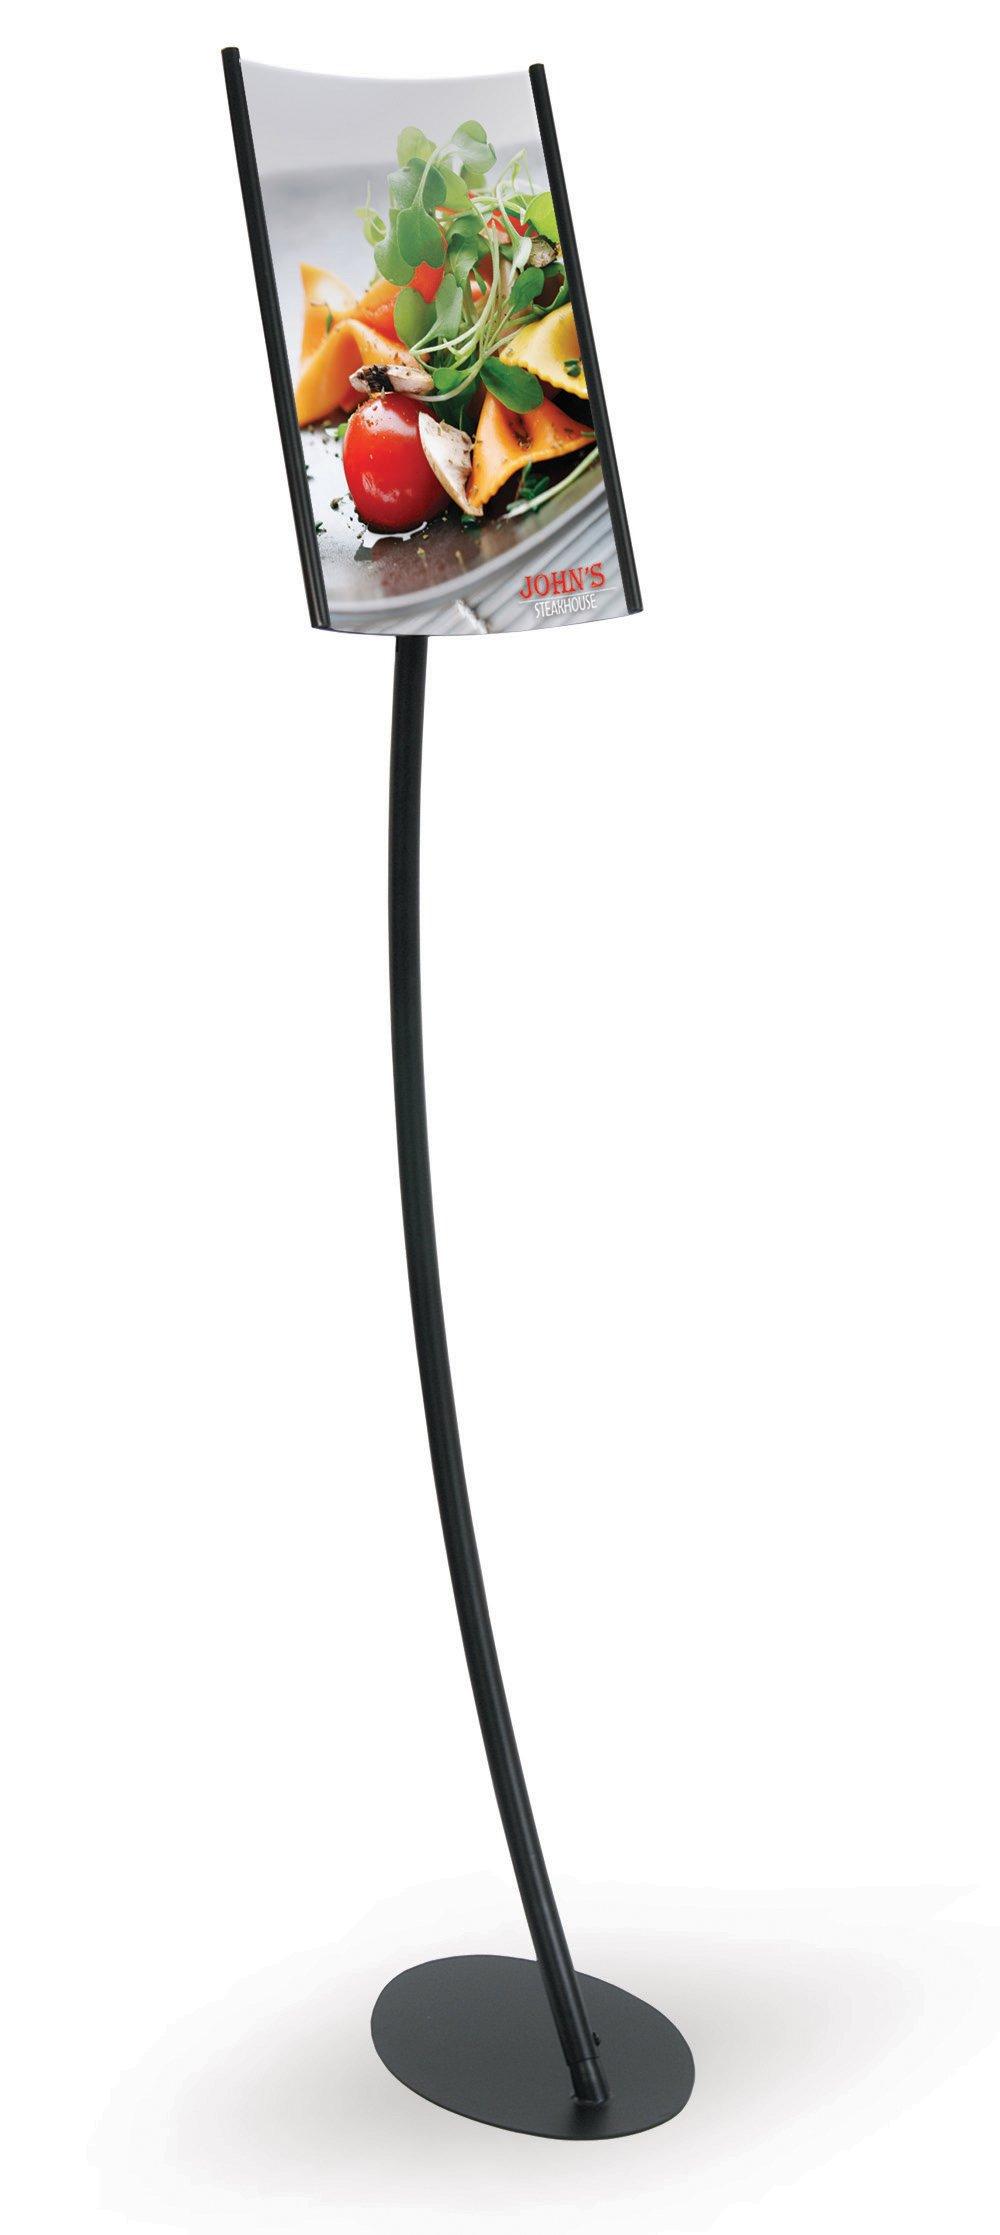 Elliptical Pedestal Sign Holder Stand with Angled, Curved Slide-In Sign Frame for 8.5'' x 11'' Vertical Insert, Black